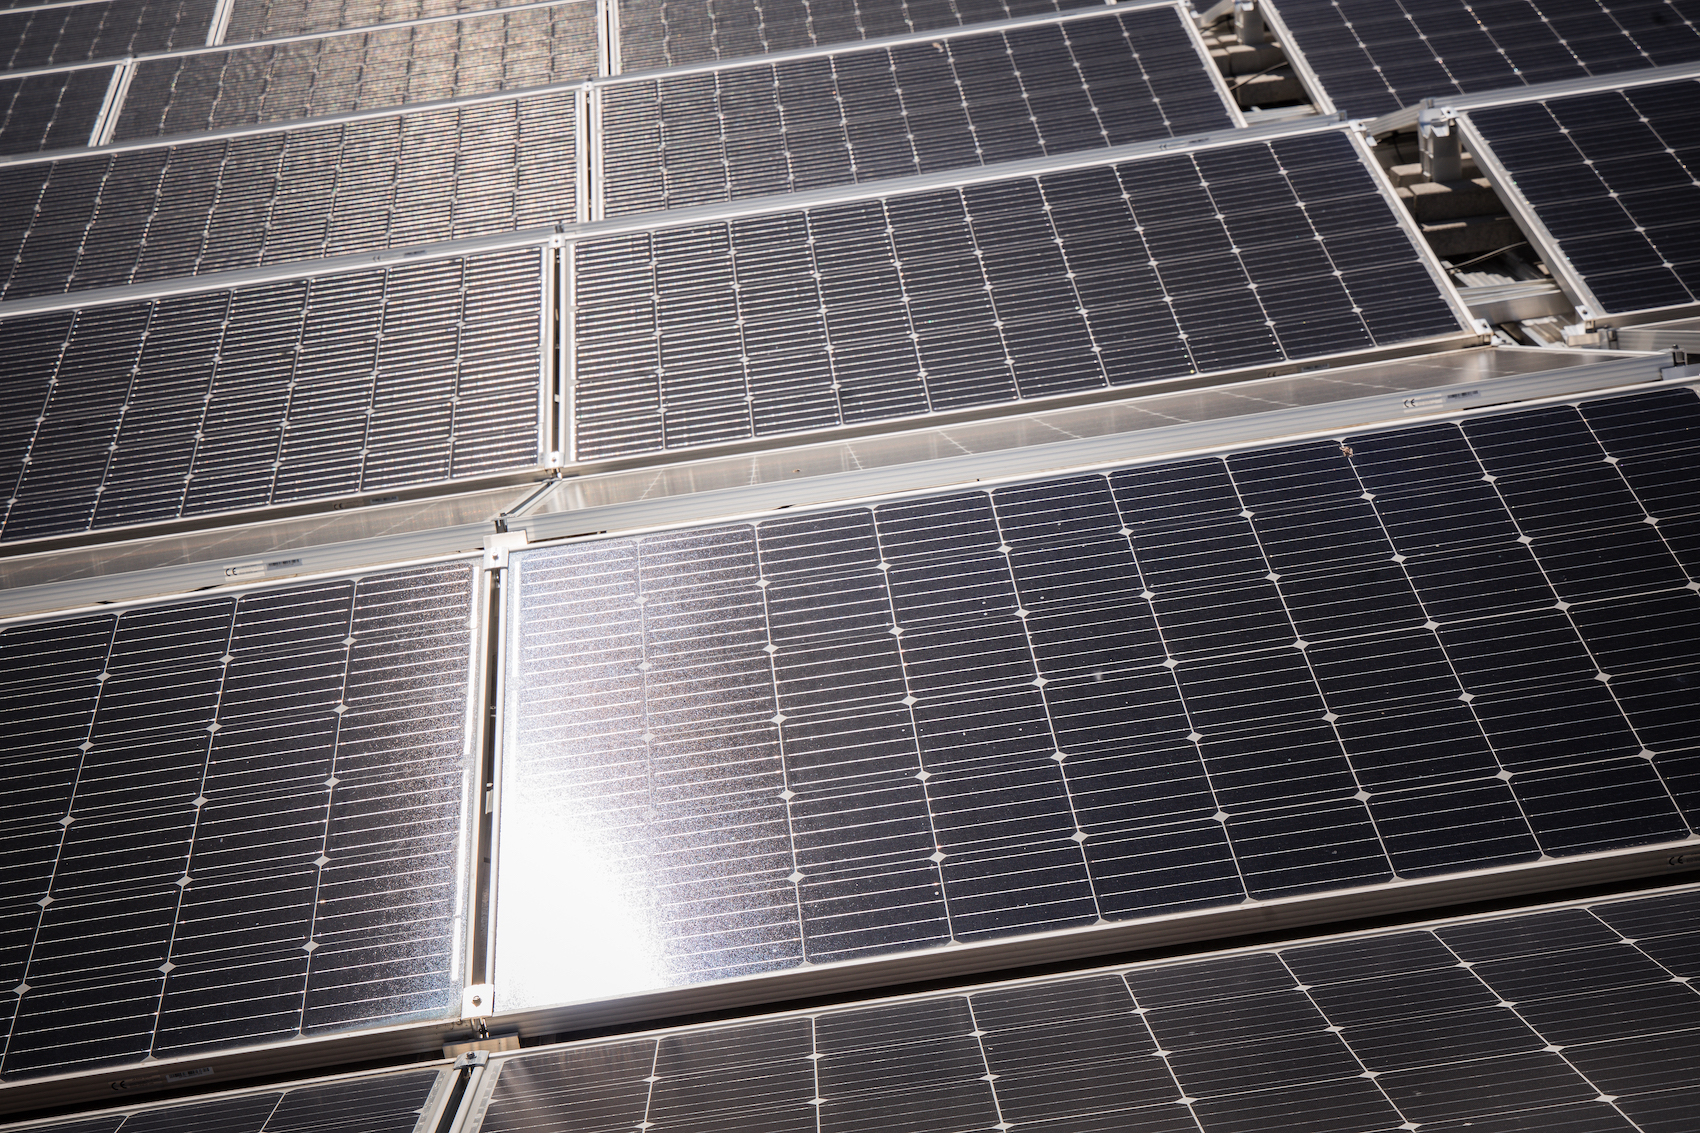 Die Sonne treibt alles an: Auch fossile Energien wie Kohle oder Benzin sind letztlich umgewandelte Solarenergie.